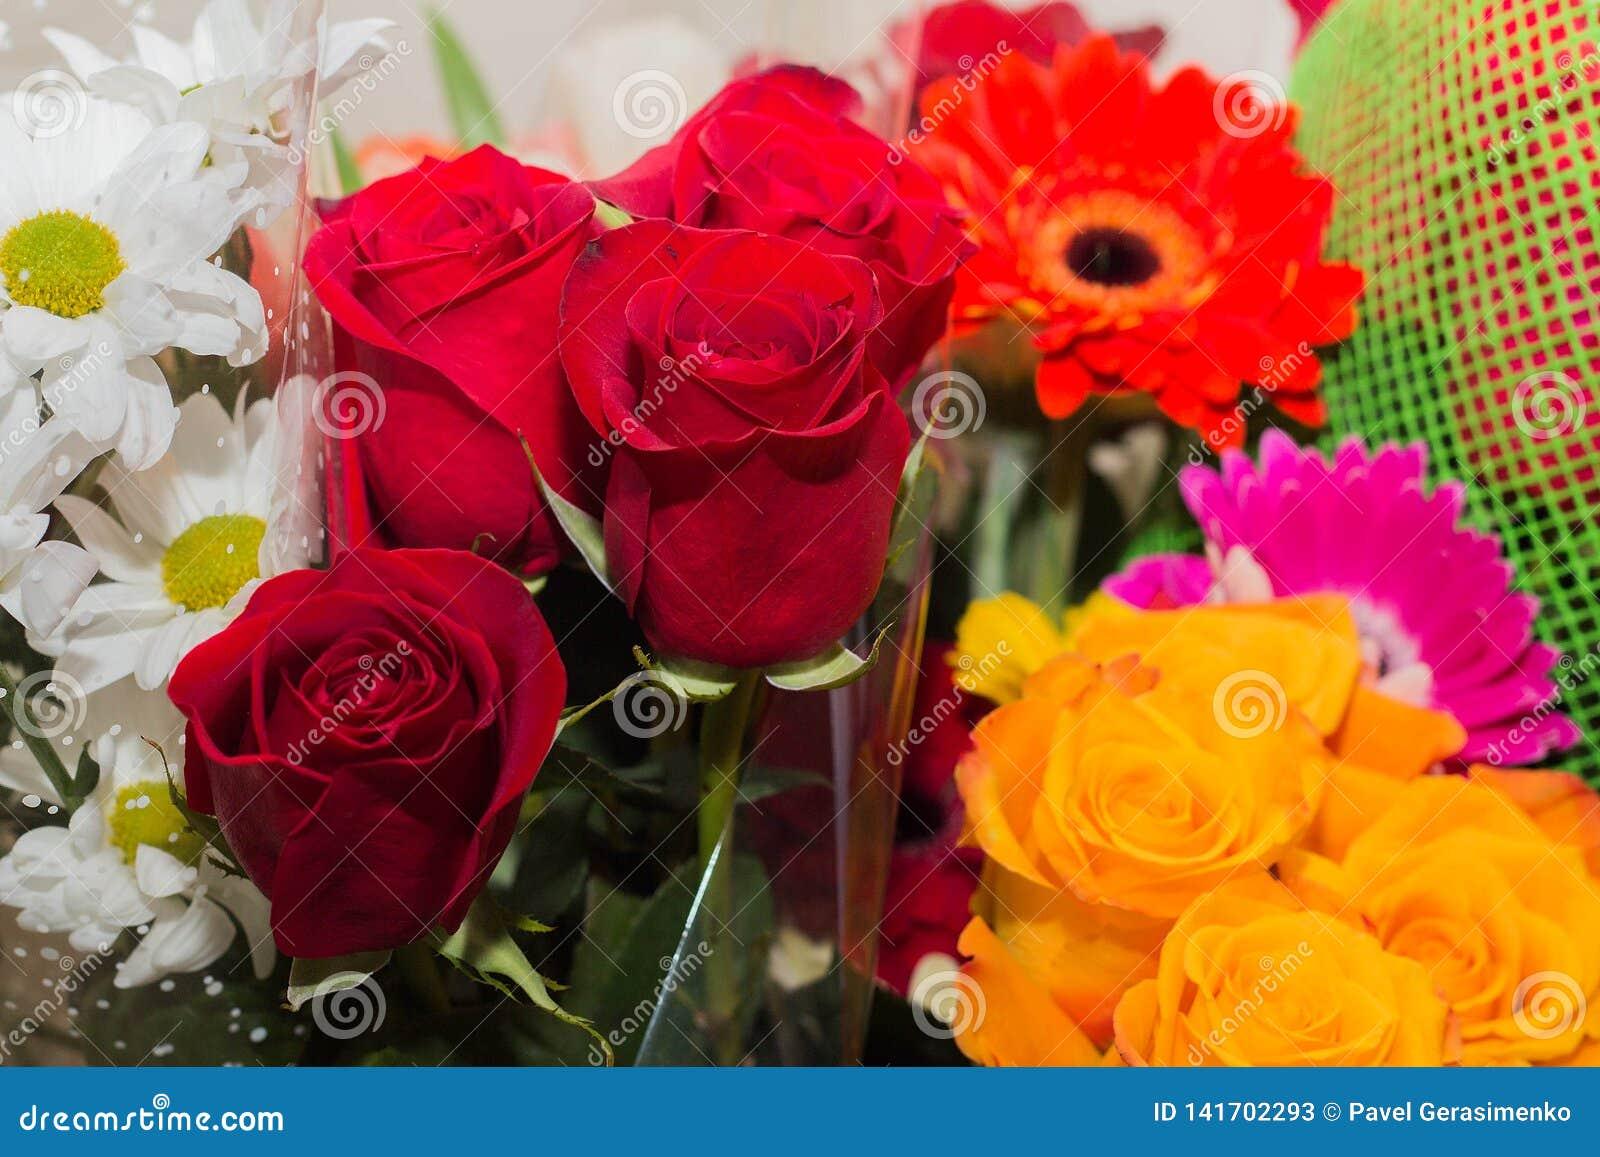 Feestelijk boeket van rozen en asters